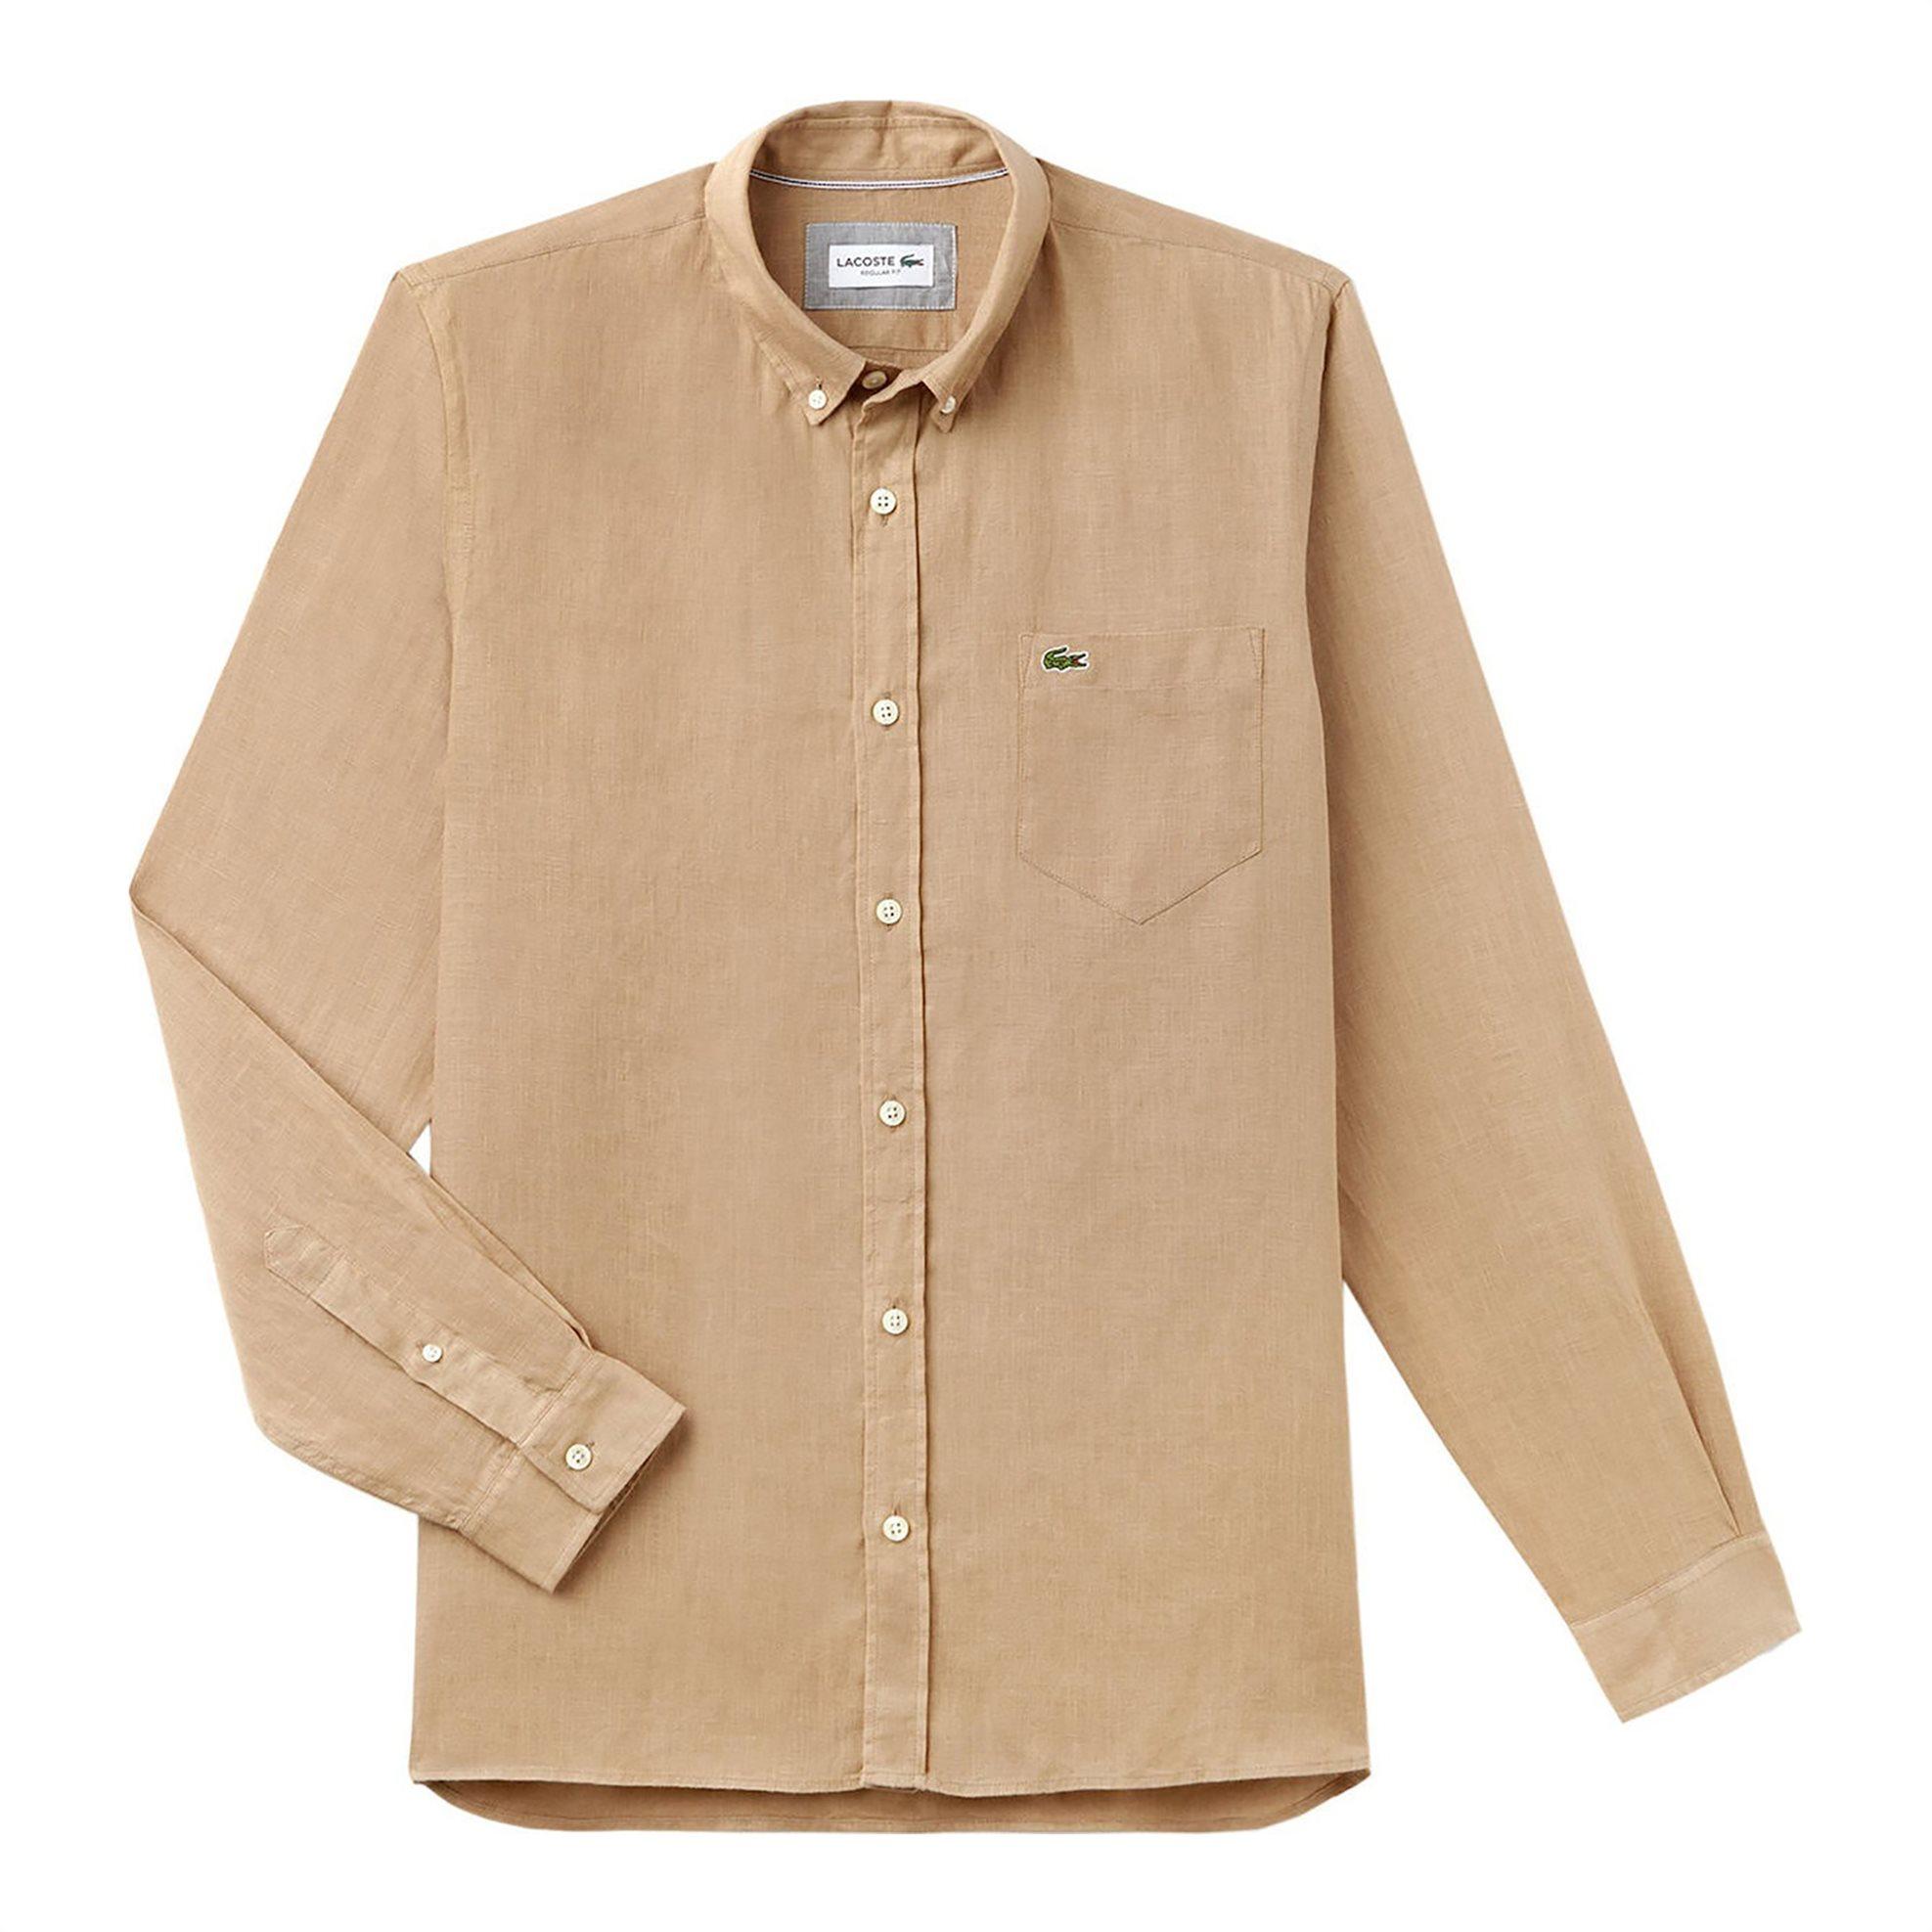 Ανδρικό πουκάμισο λινό Spring Bloom Lacoste - CH4990 - Μπεζ ανδρασ   ρουχα   πουκάμισα   casual   επίσημα   βραδυνά